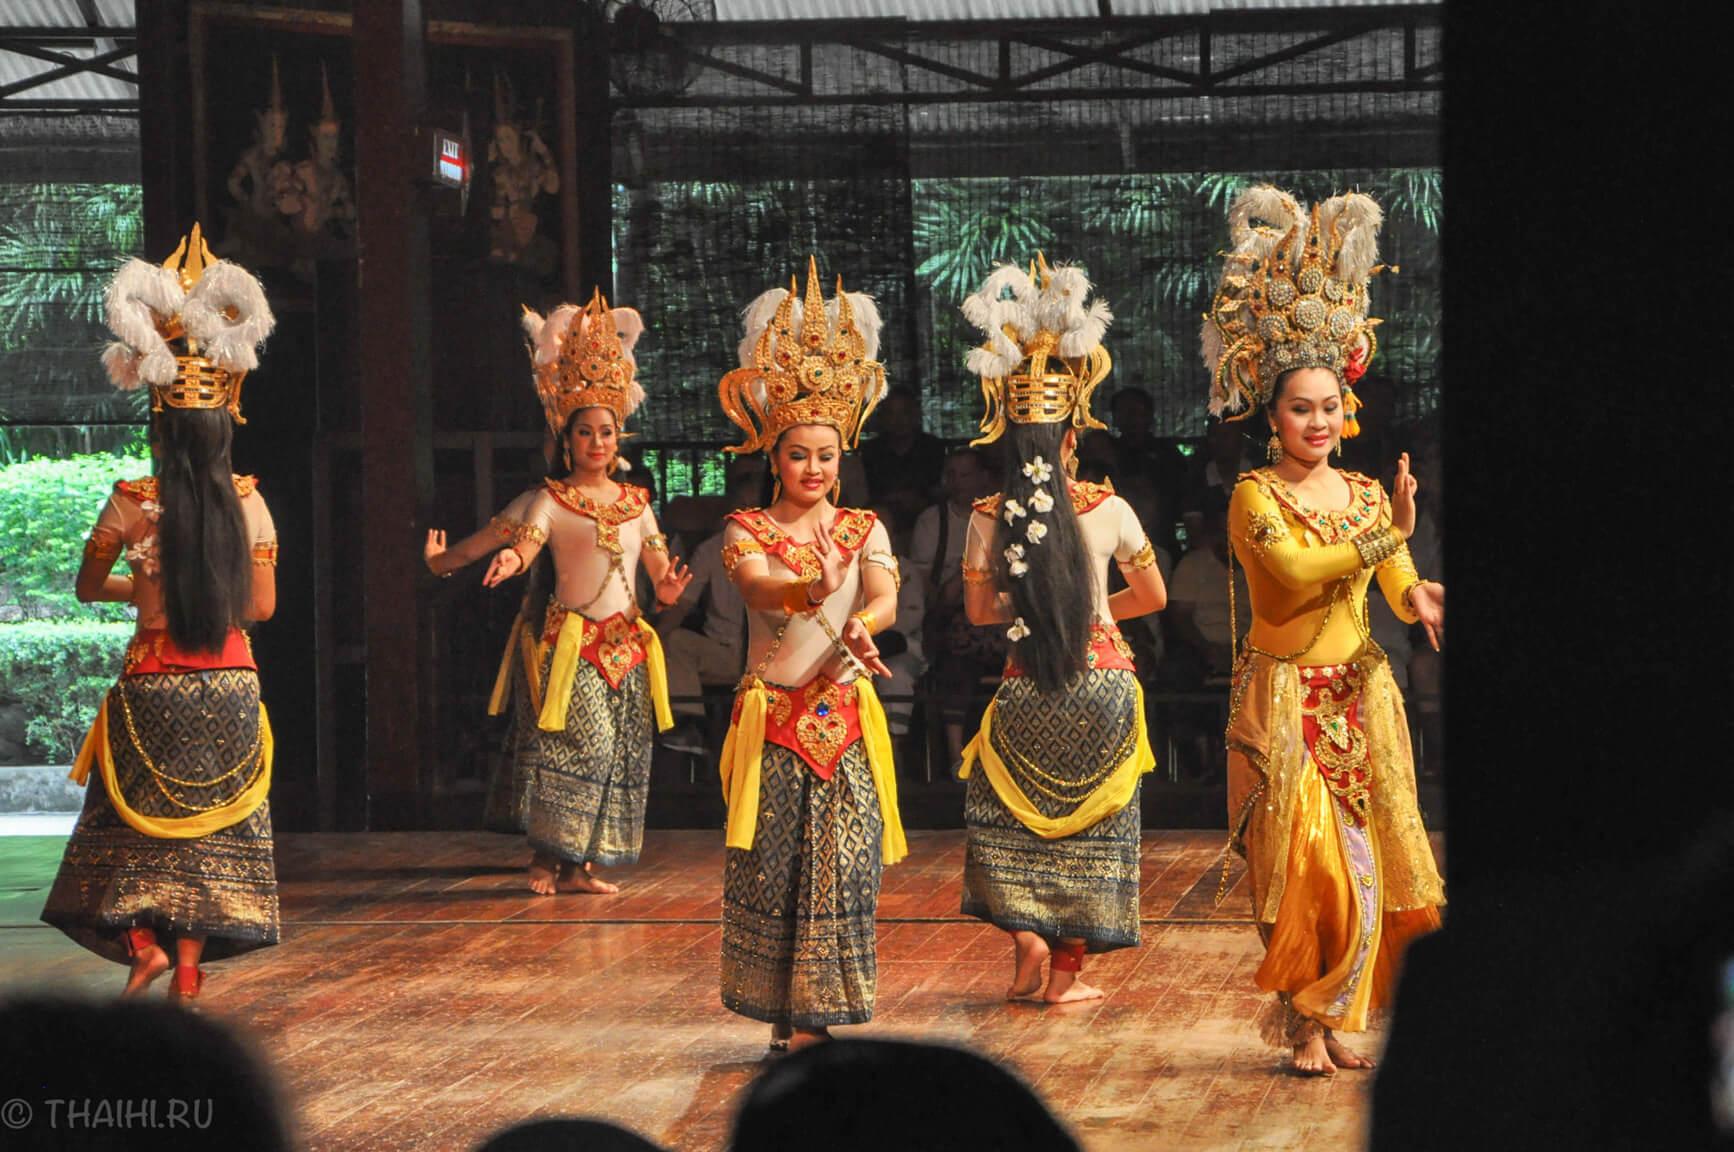 Народный фольклор - шоу в парке Nong Nooch